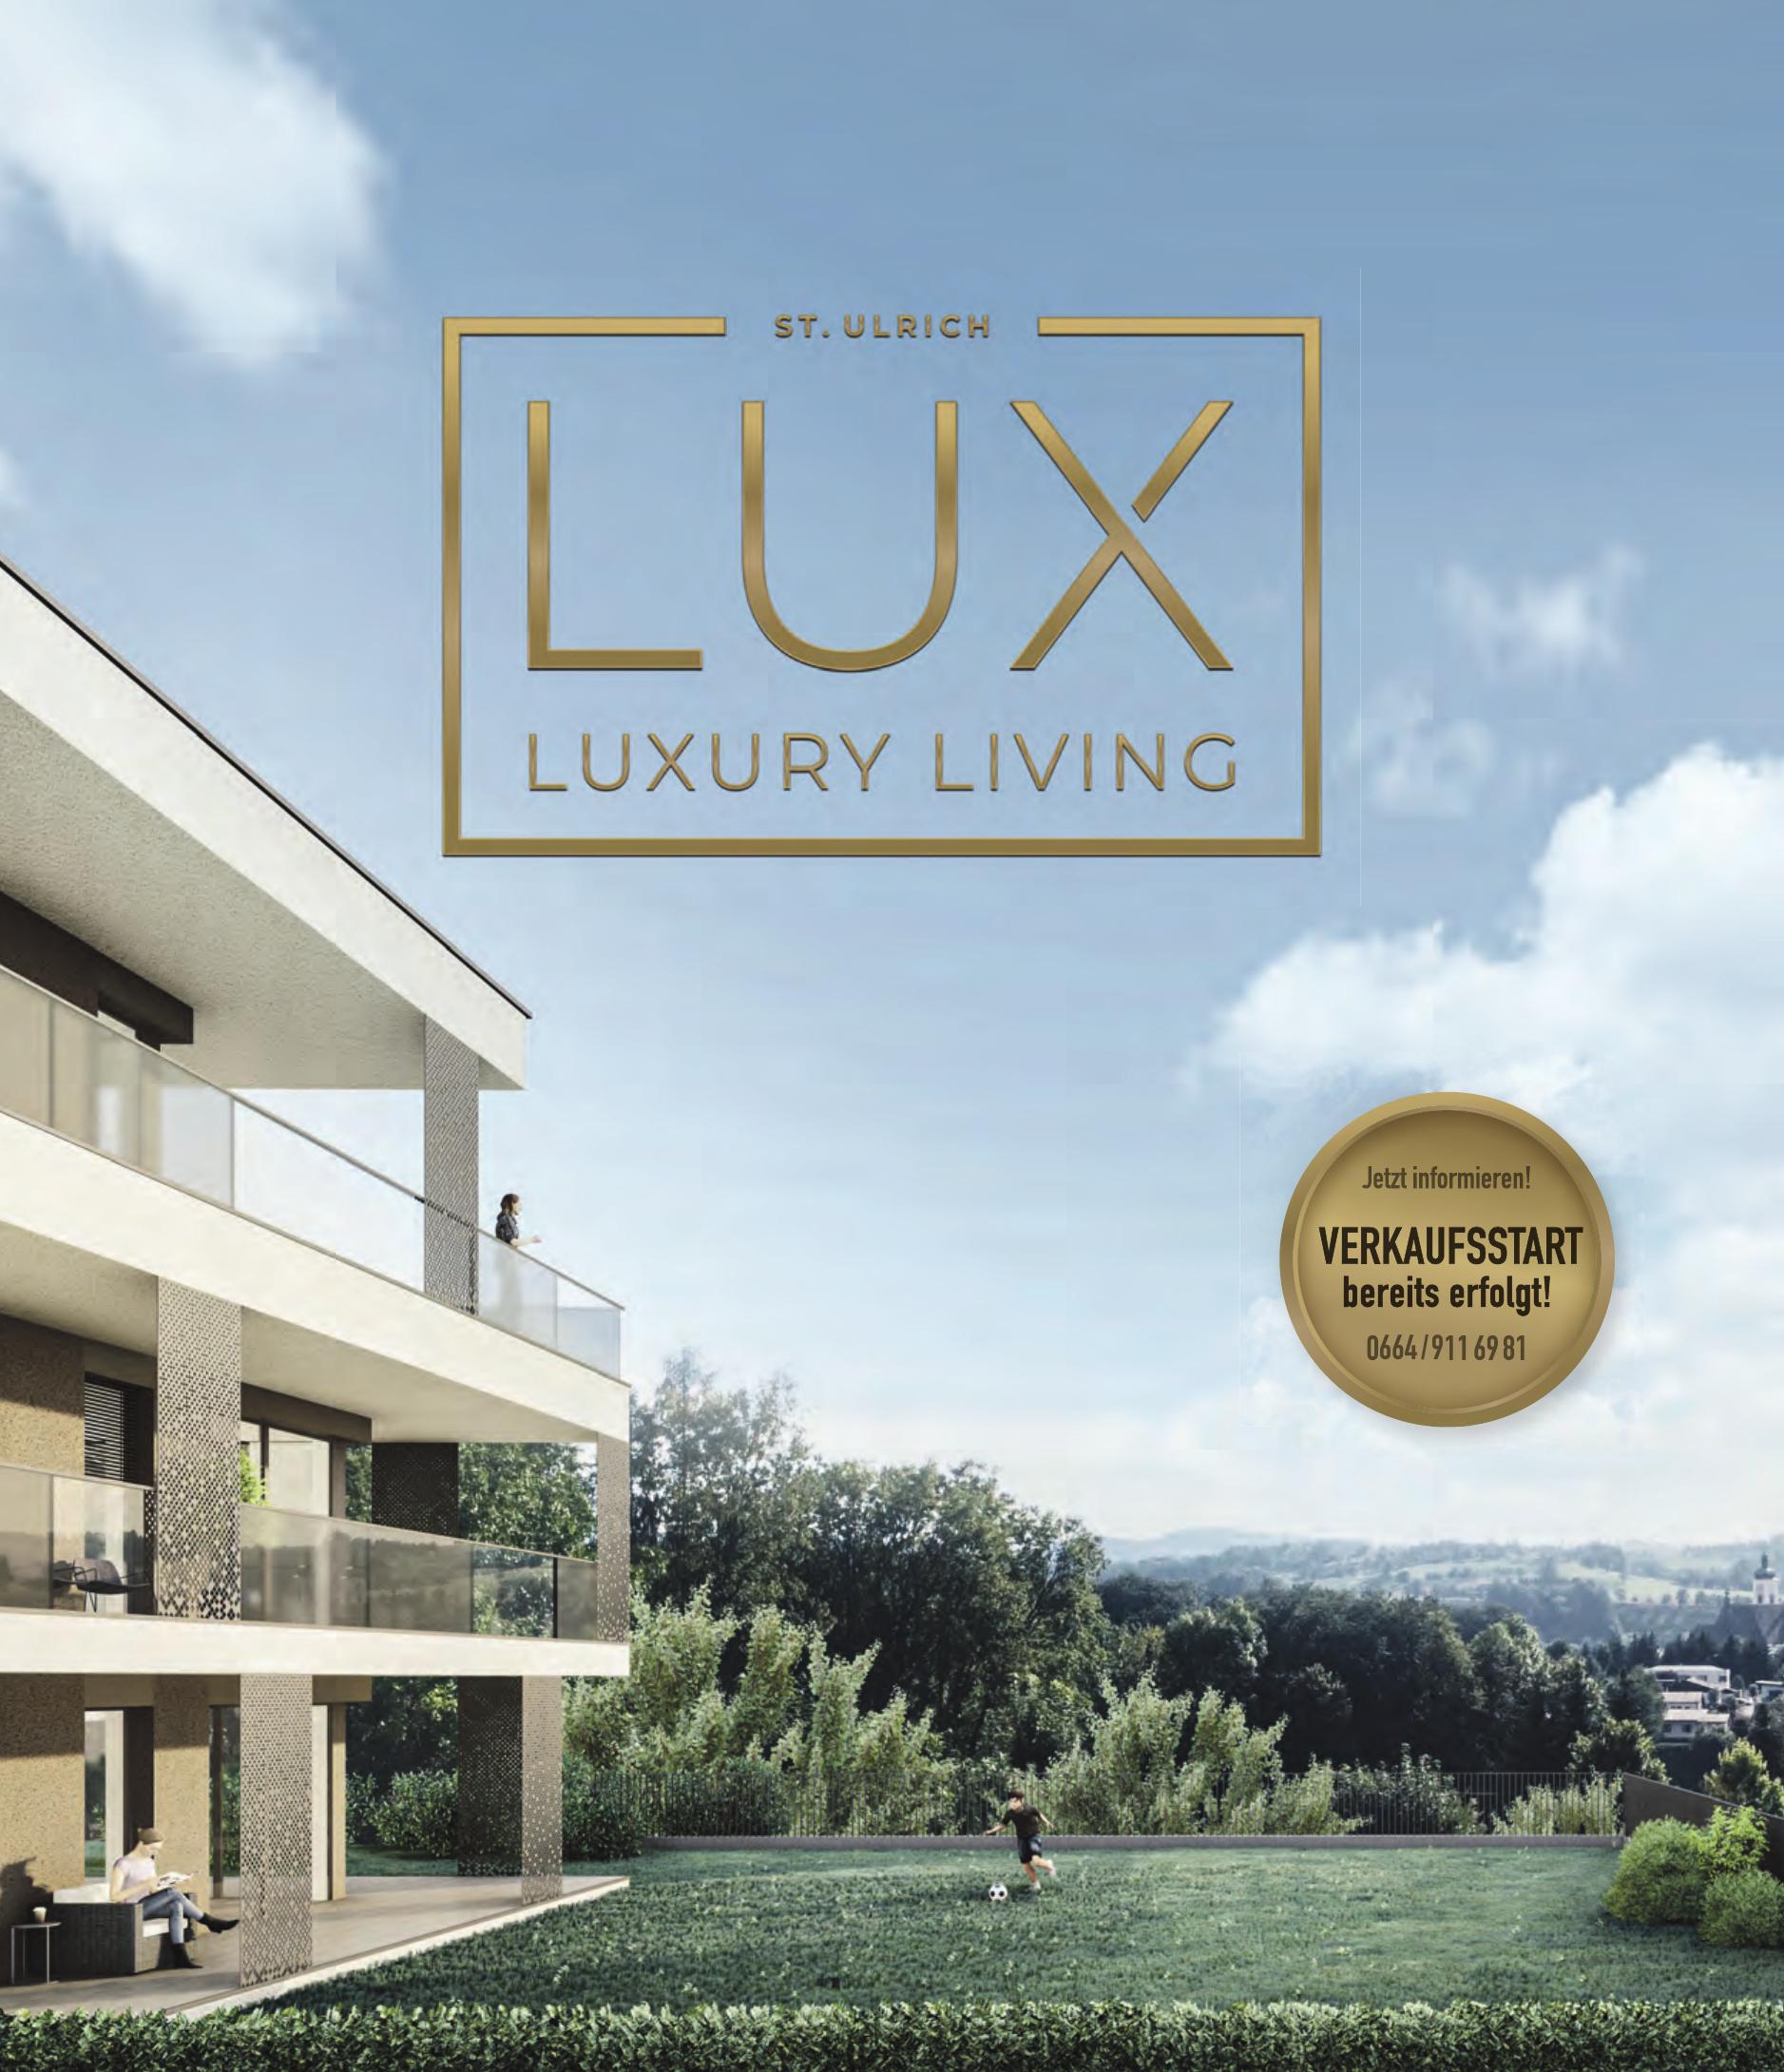 Lux - Luxury Living